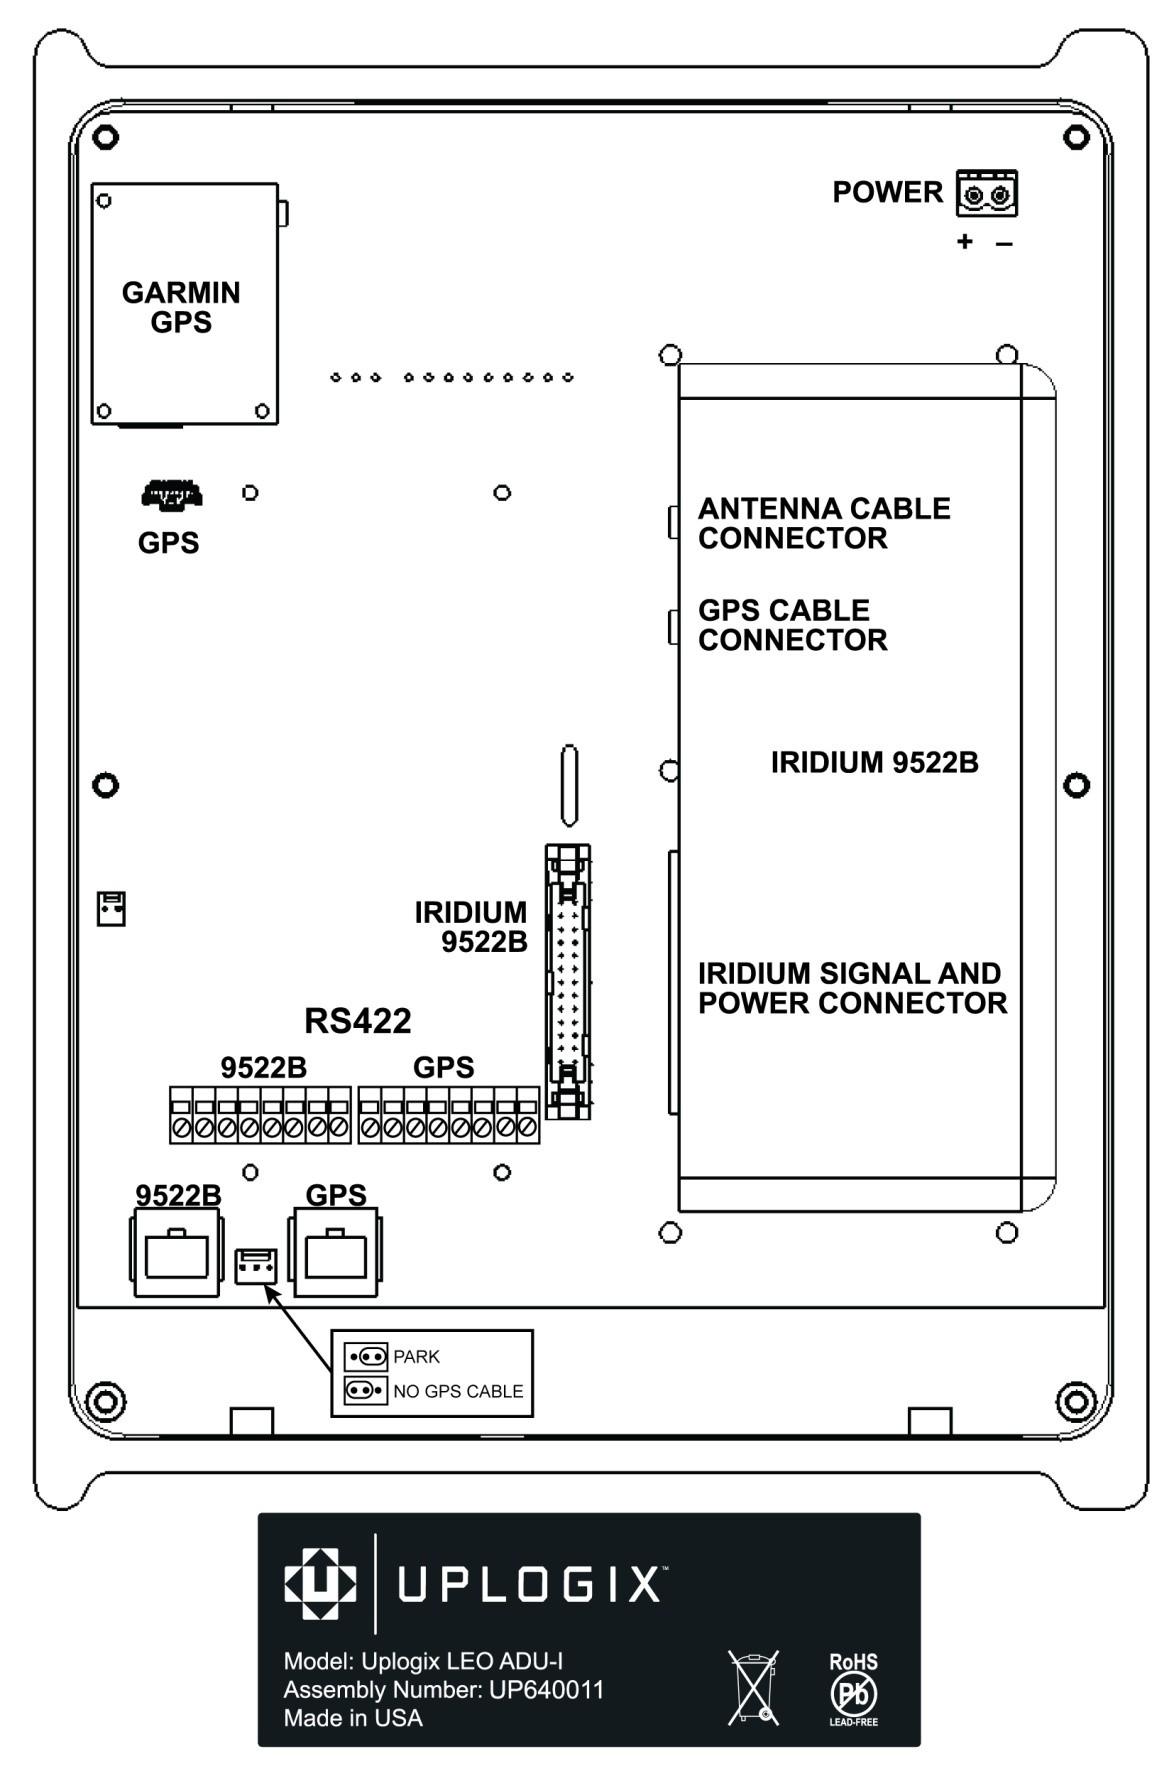 Garmin Transducer Wiring Diagram Garmin Transducer Wiring Diagram Best Gps Antenna Garmin Gps Of Garmin Transducer Wiring Diagram